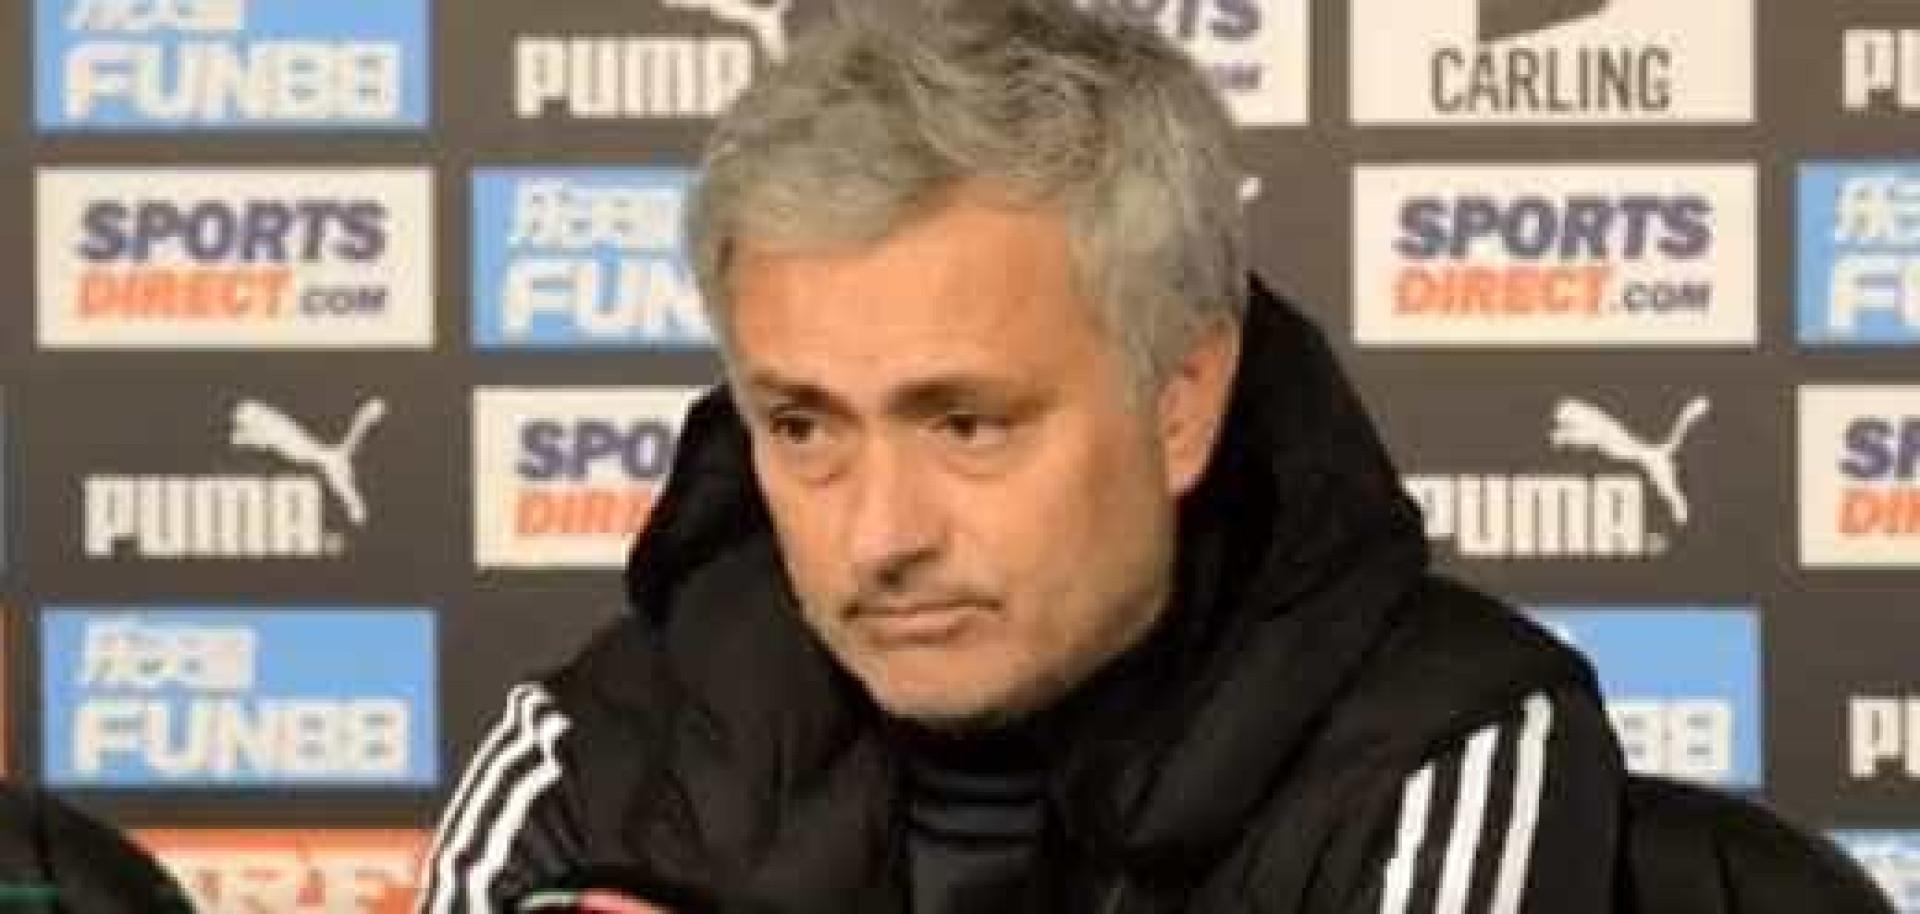 Foi assim que Mourinho respondeu aos comentários de Souness sobre Pogba